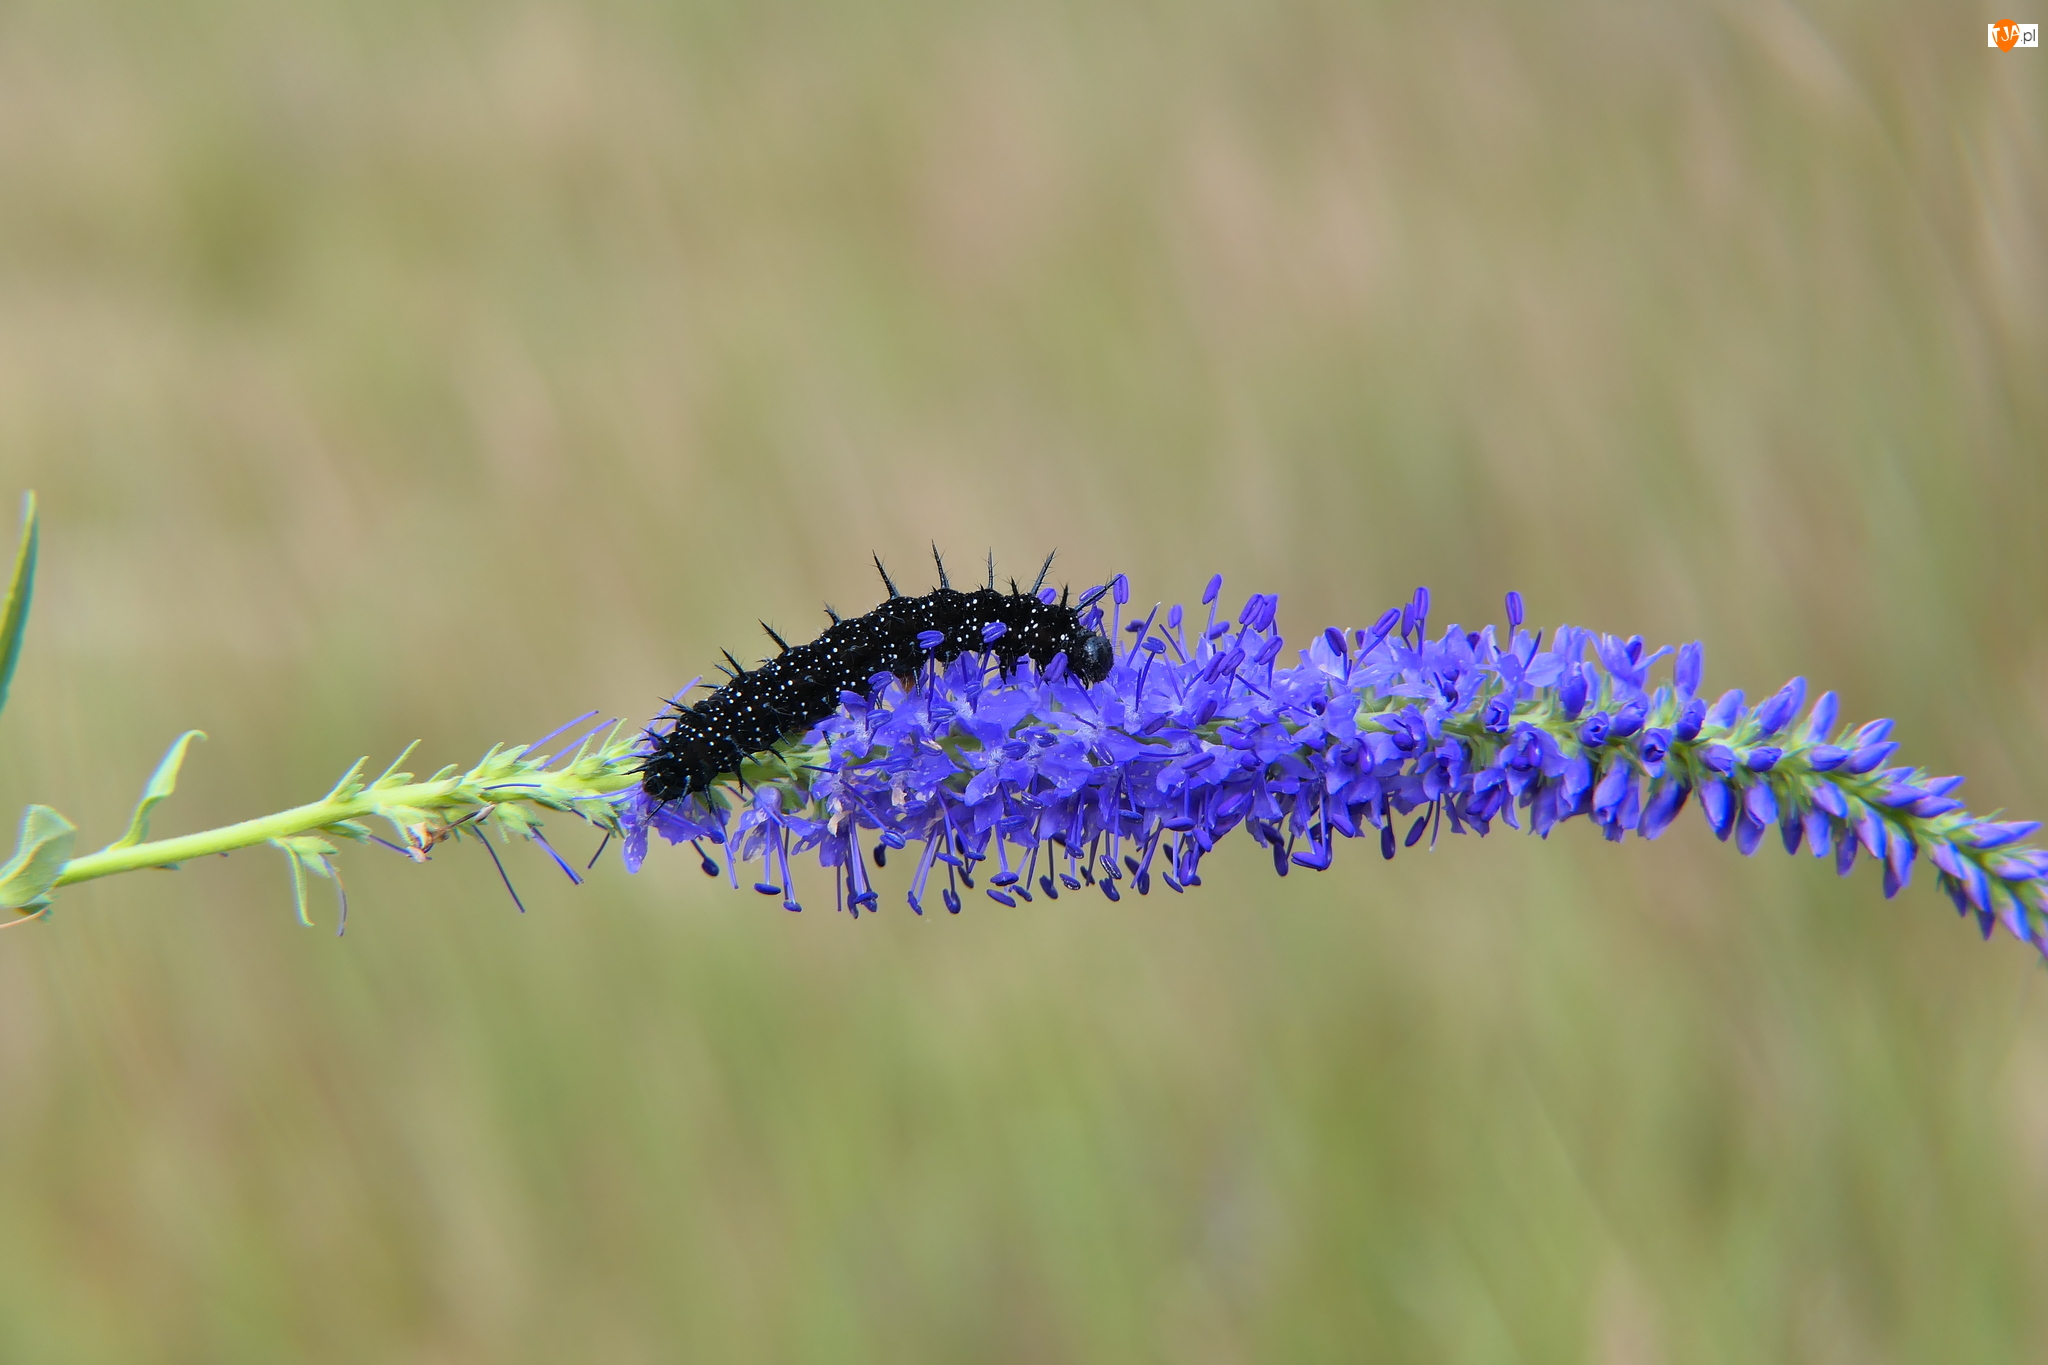 Rusałka pawik, Gąsienica, Poczwarka, Kwiat, Larwa, Niebieski